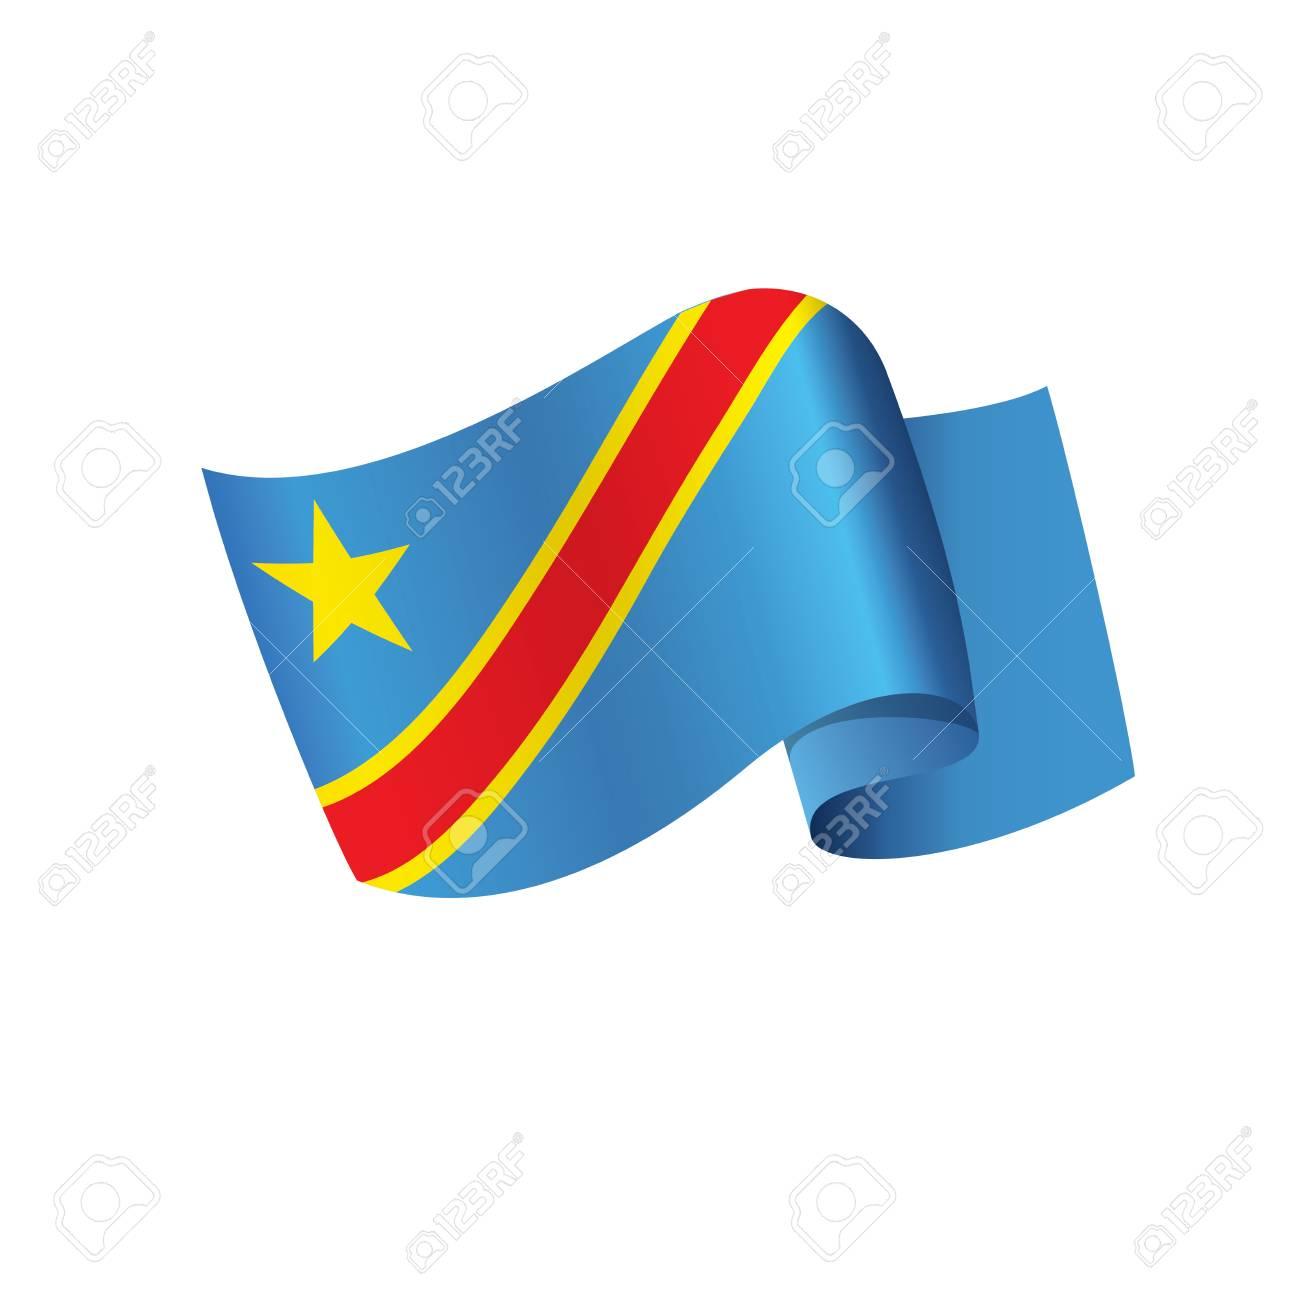 Bandera De La República Democrática Del Congo Ilustraciones Vectoriales Clip Art Vectorizado Libre De Derechos Image 94834296